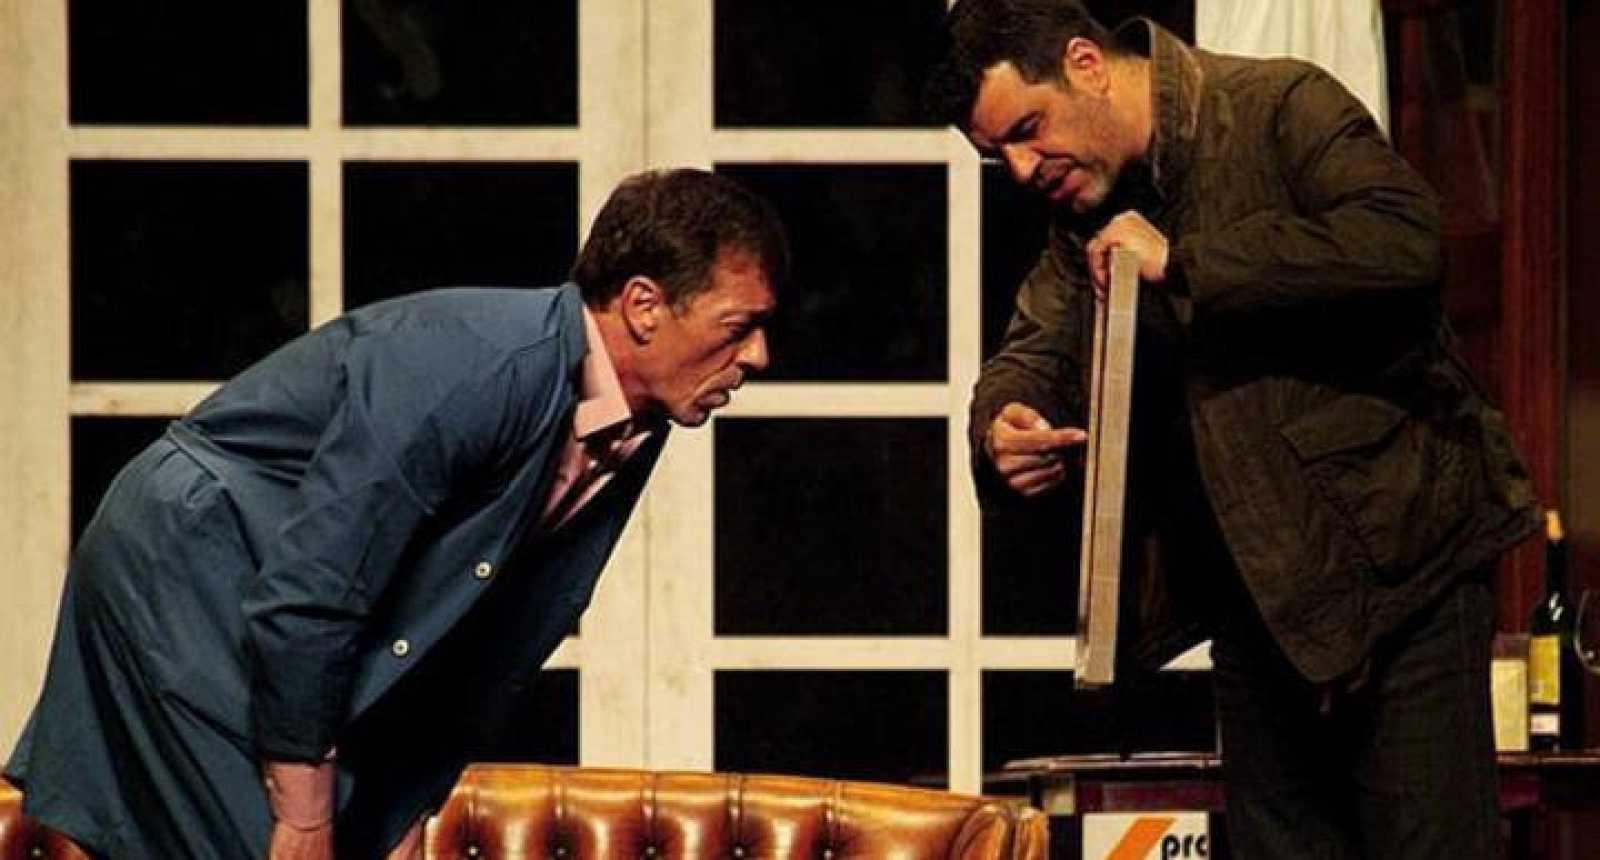 Andoni Ferreño y Ramón Langa protagonizan este drama sobre el momento en que dos hermanos se ven obligados a repartirse la herencia de sus padres.